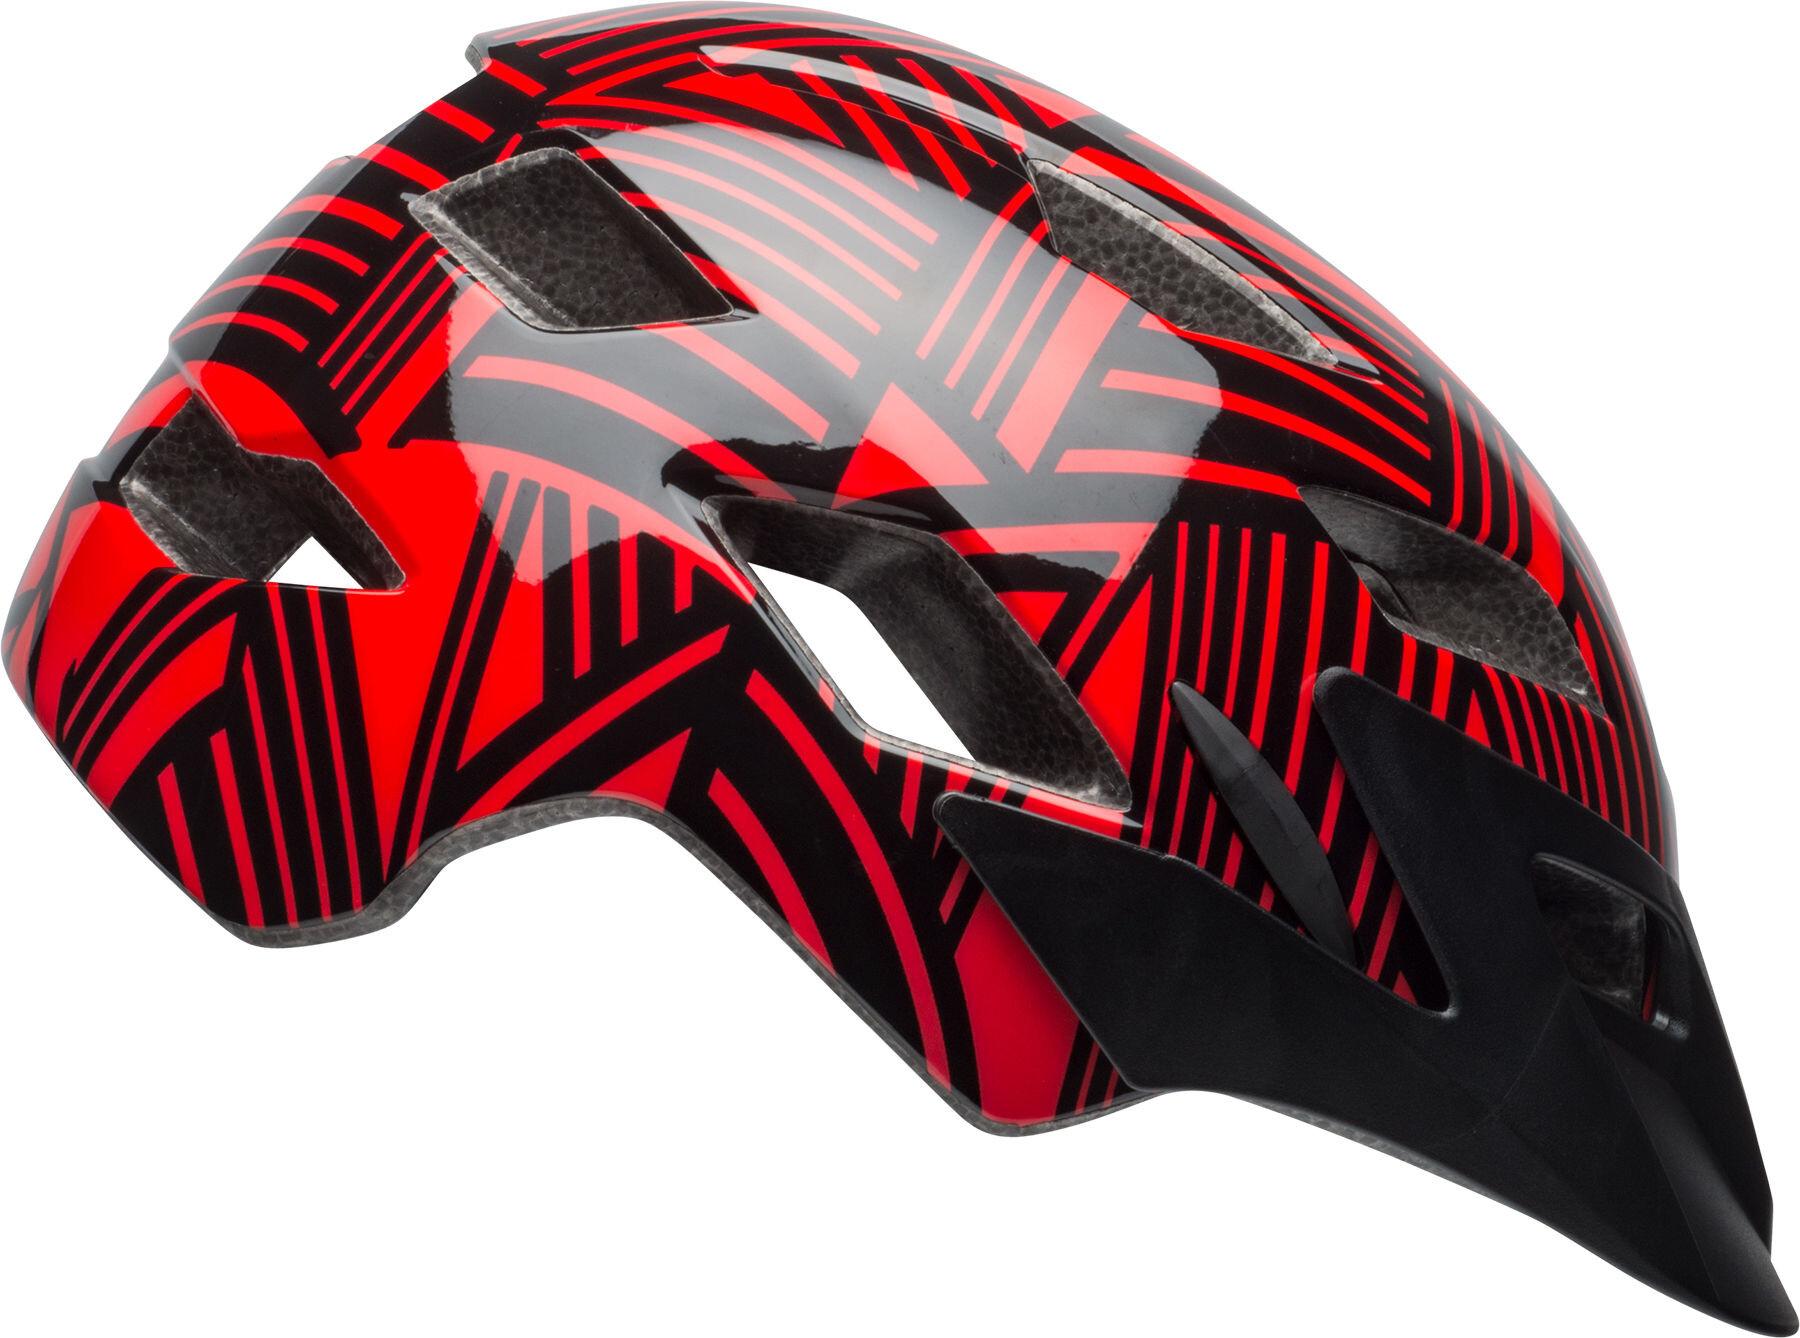 bell sidetrack y mips bike helmet children red black at. Black Bedroom Furniture Sets. Home Design Ideas